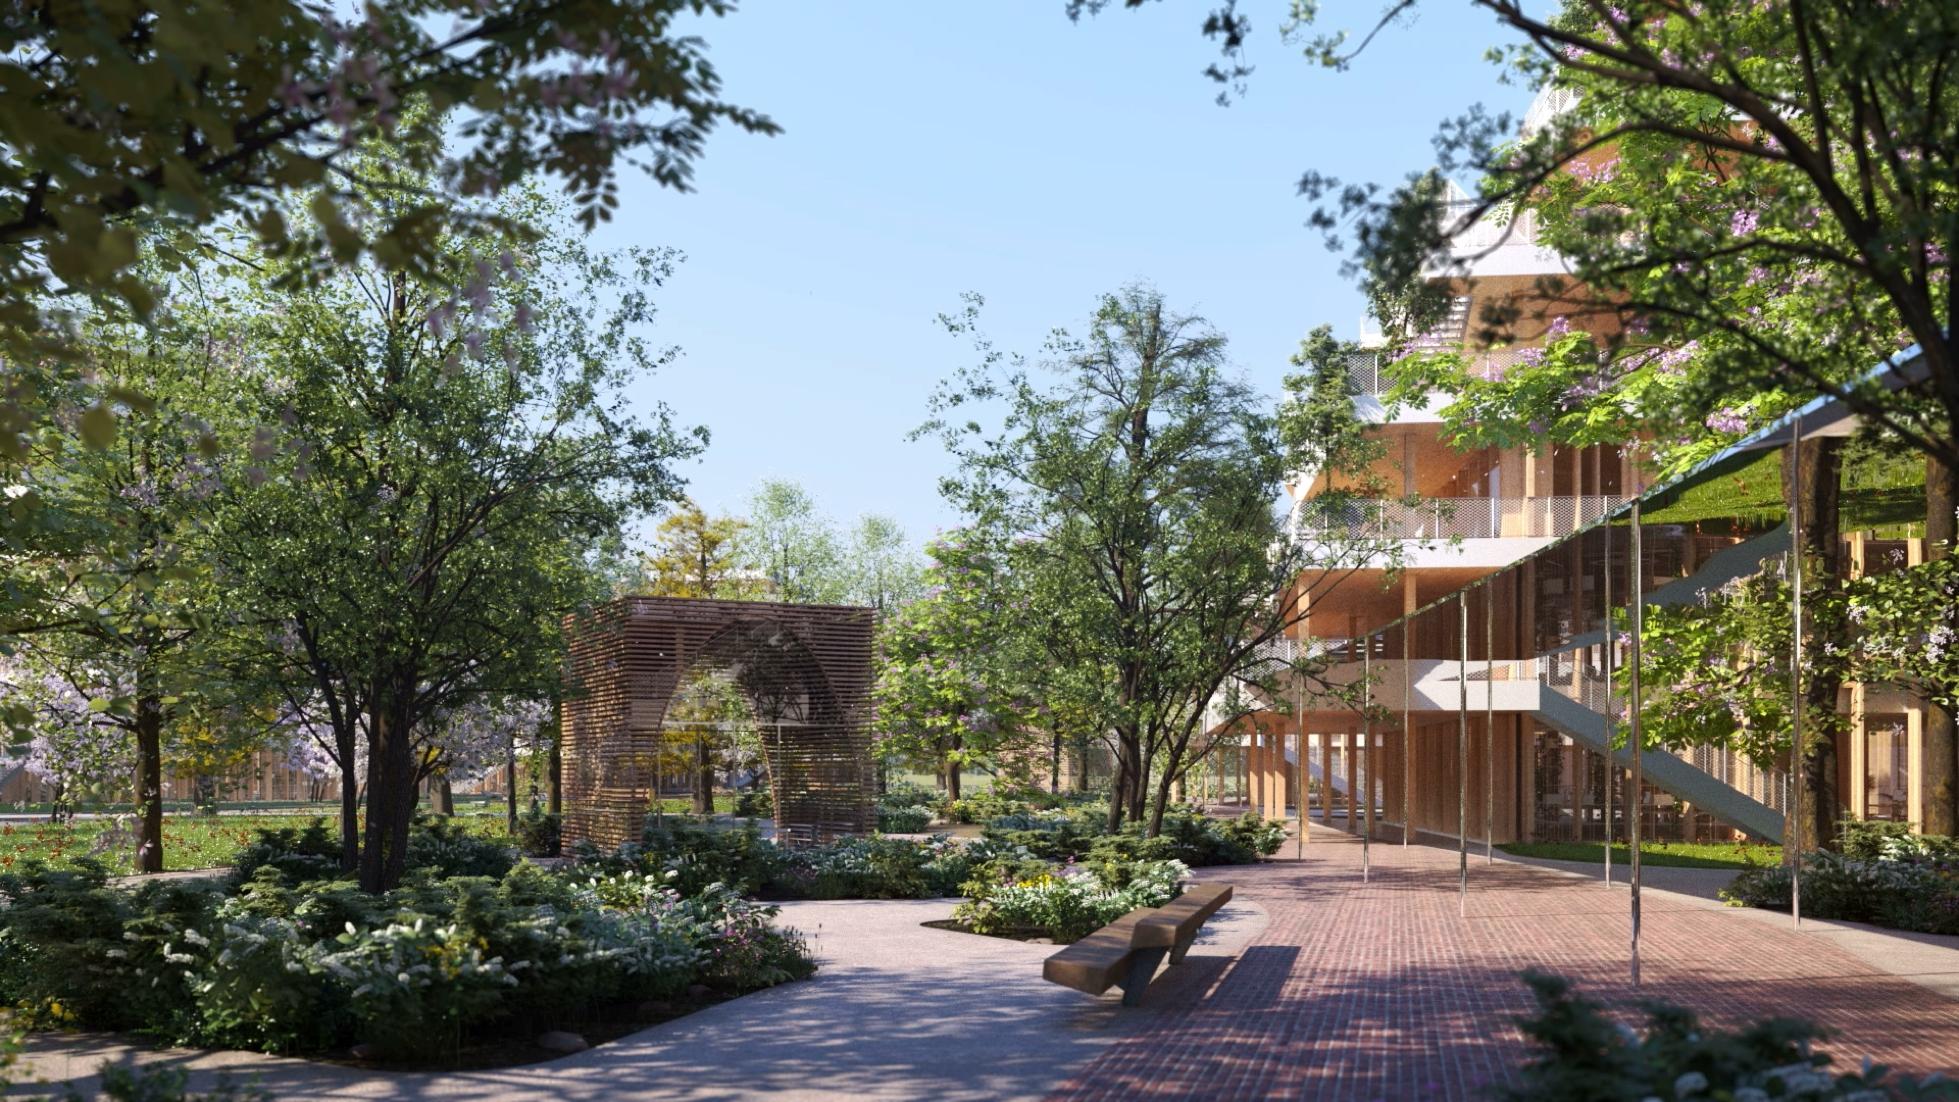 A nanterre woodeum et bnp pariabas real estate peaufinent leur méga